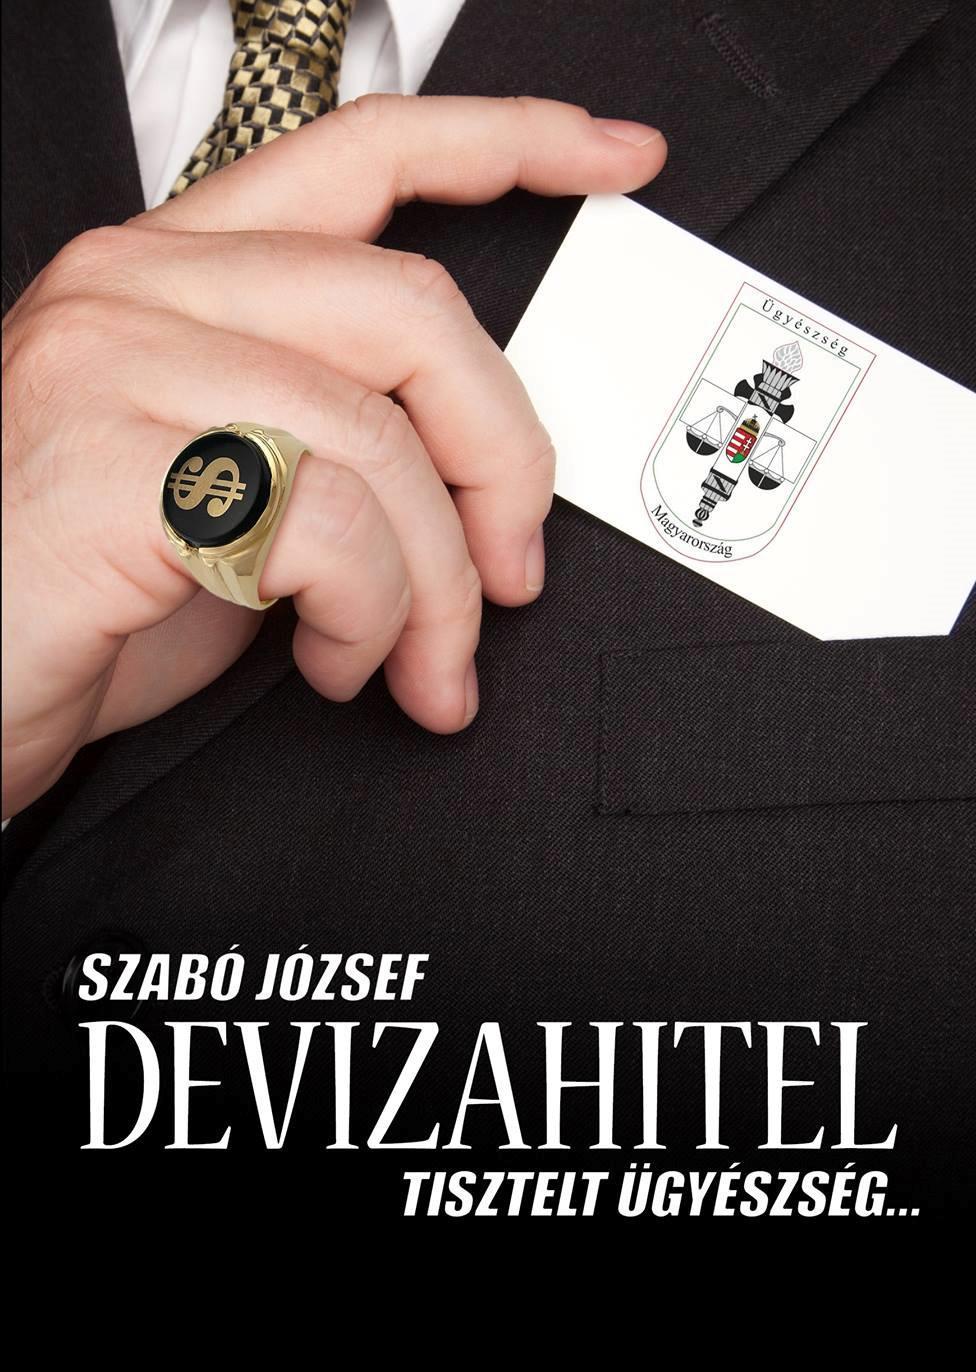 DEVIZAHITEL - TISZTELT ÜGYÉSZSÉG...